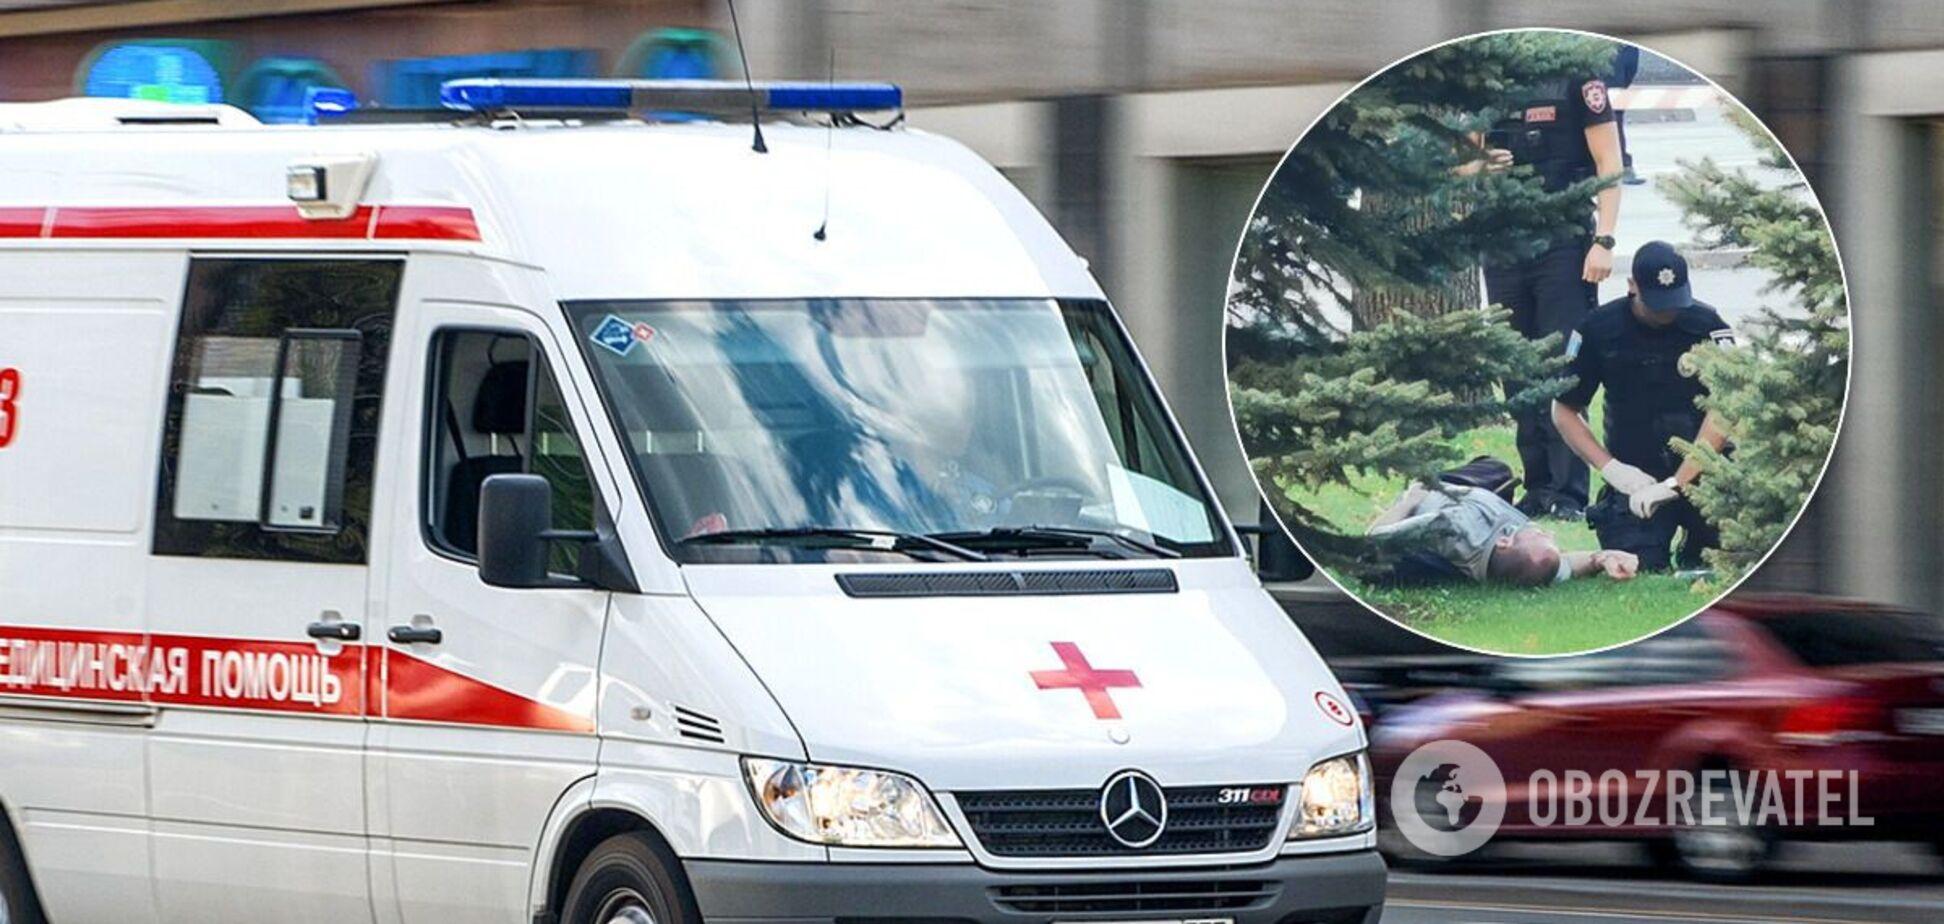 В центре Днепра мужчина вонзил в себя нож на глазах у толпы. Фото и видео 18+